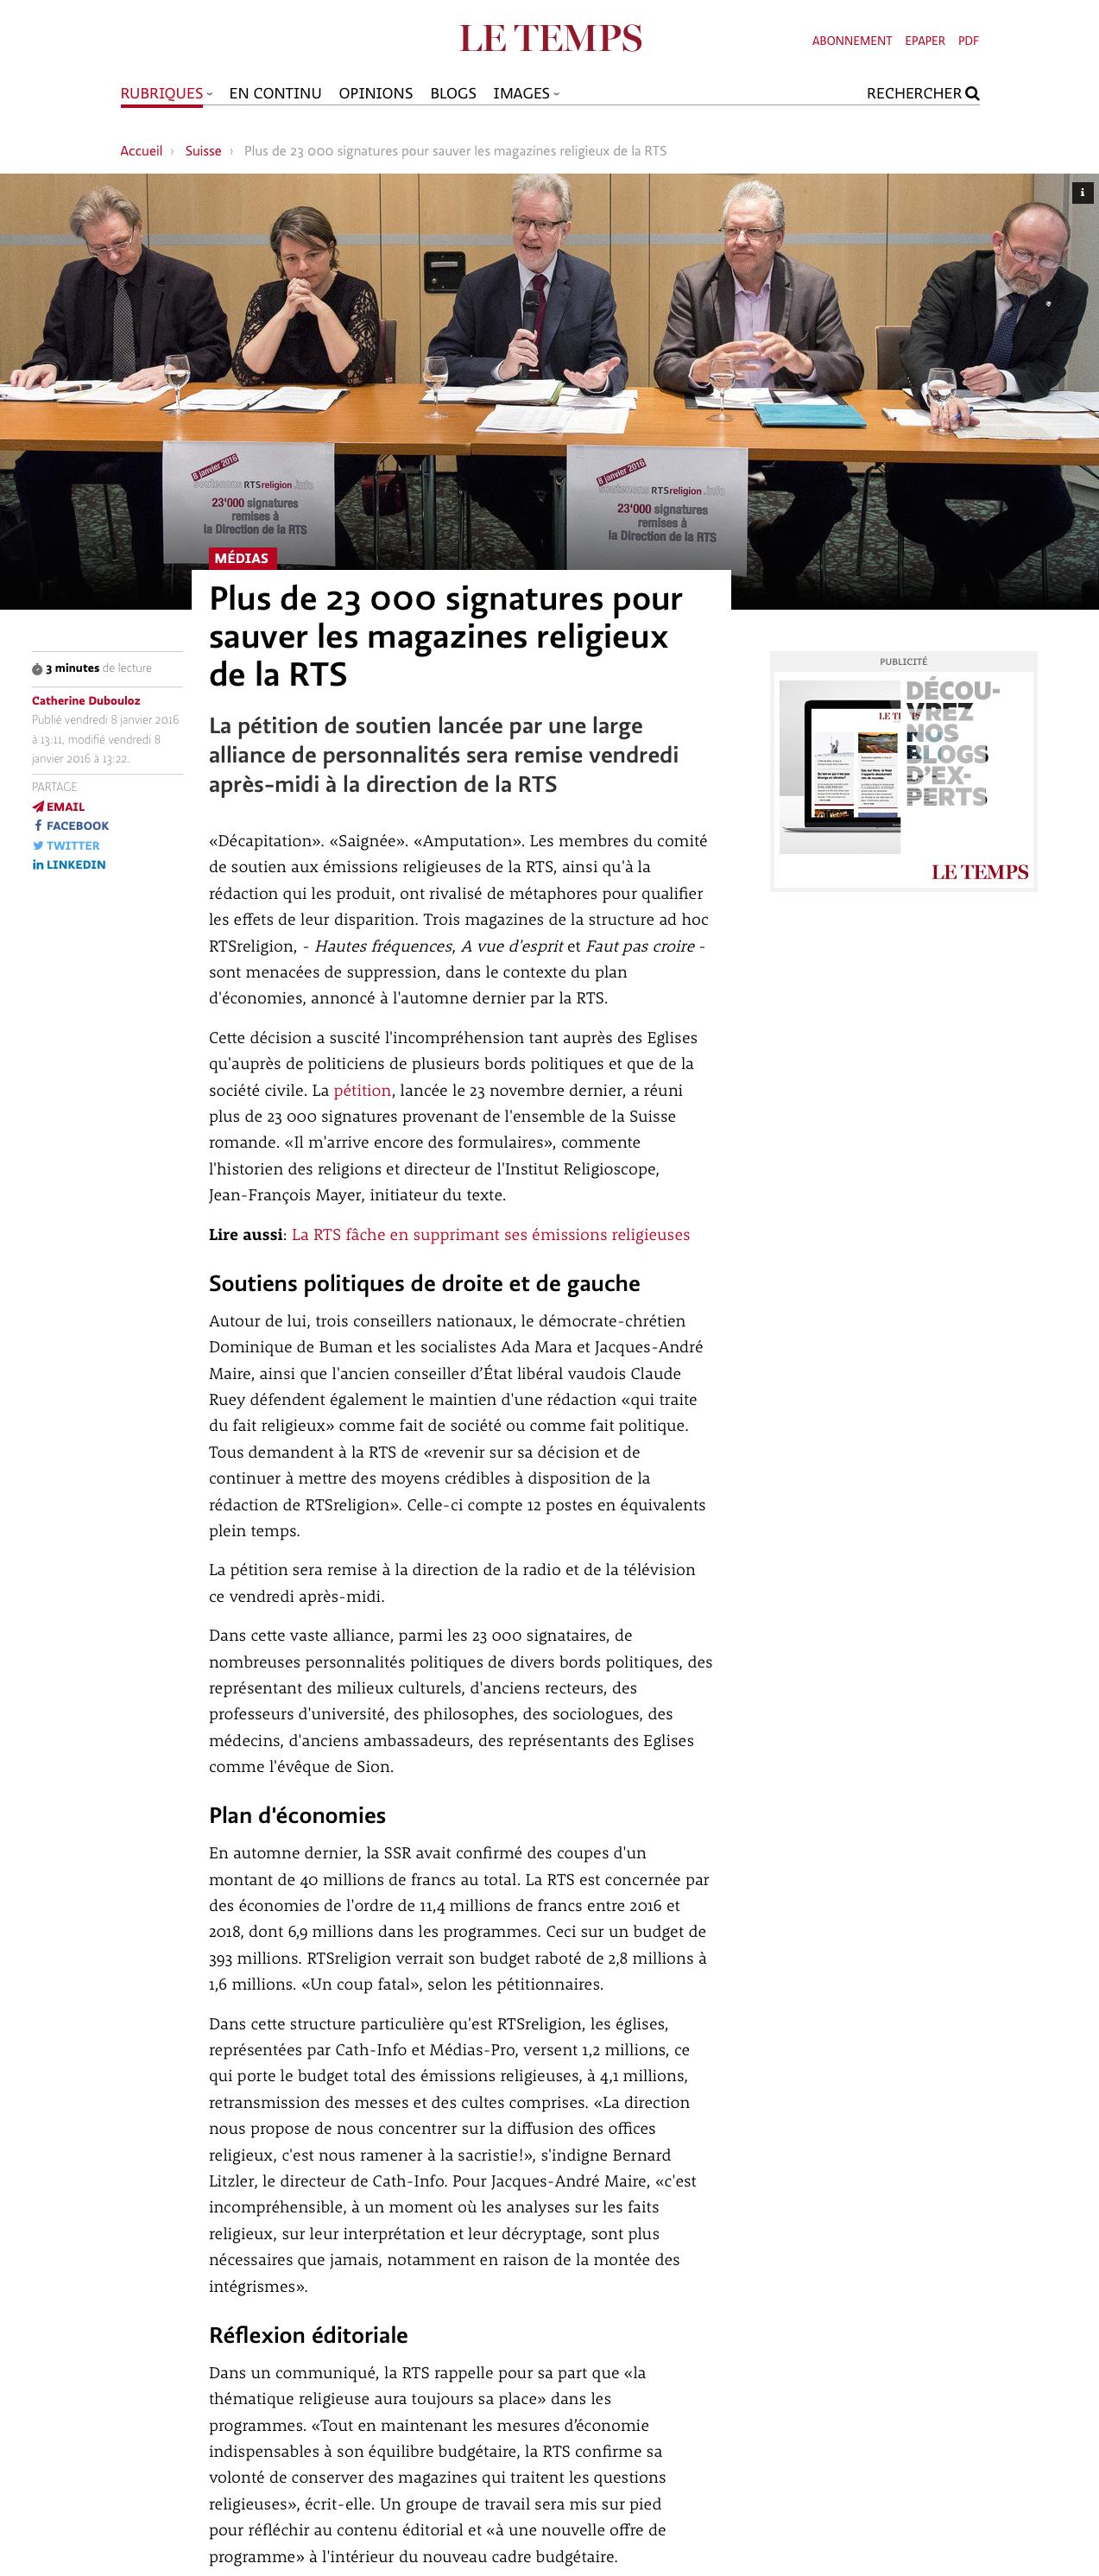 2016-01-08 Plus de 23000 signatures pour sauver les magazines religieux de la RTS (letemps.ch)